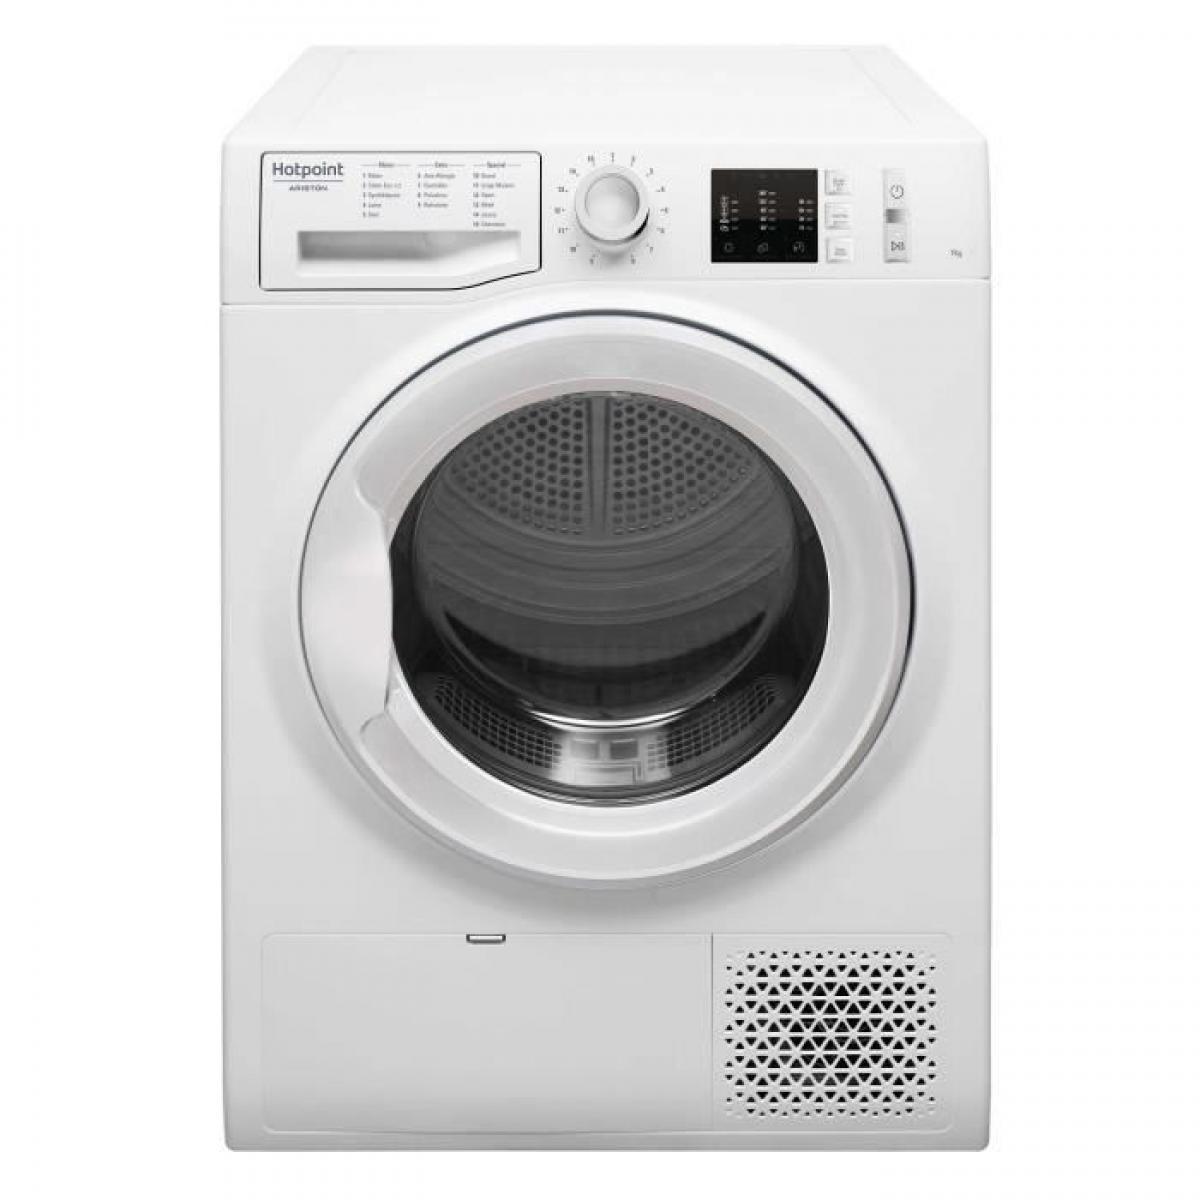 Hotpoint Sèche-linge à condensation 7kg HOTPOINT 60cm, HOT5054645542871